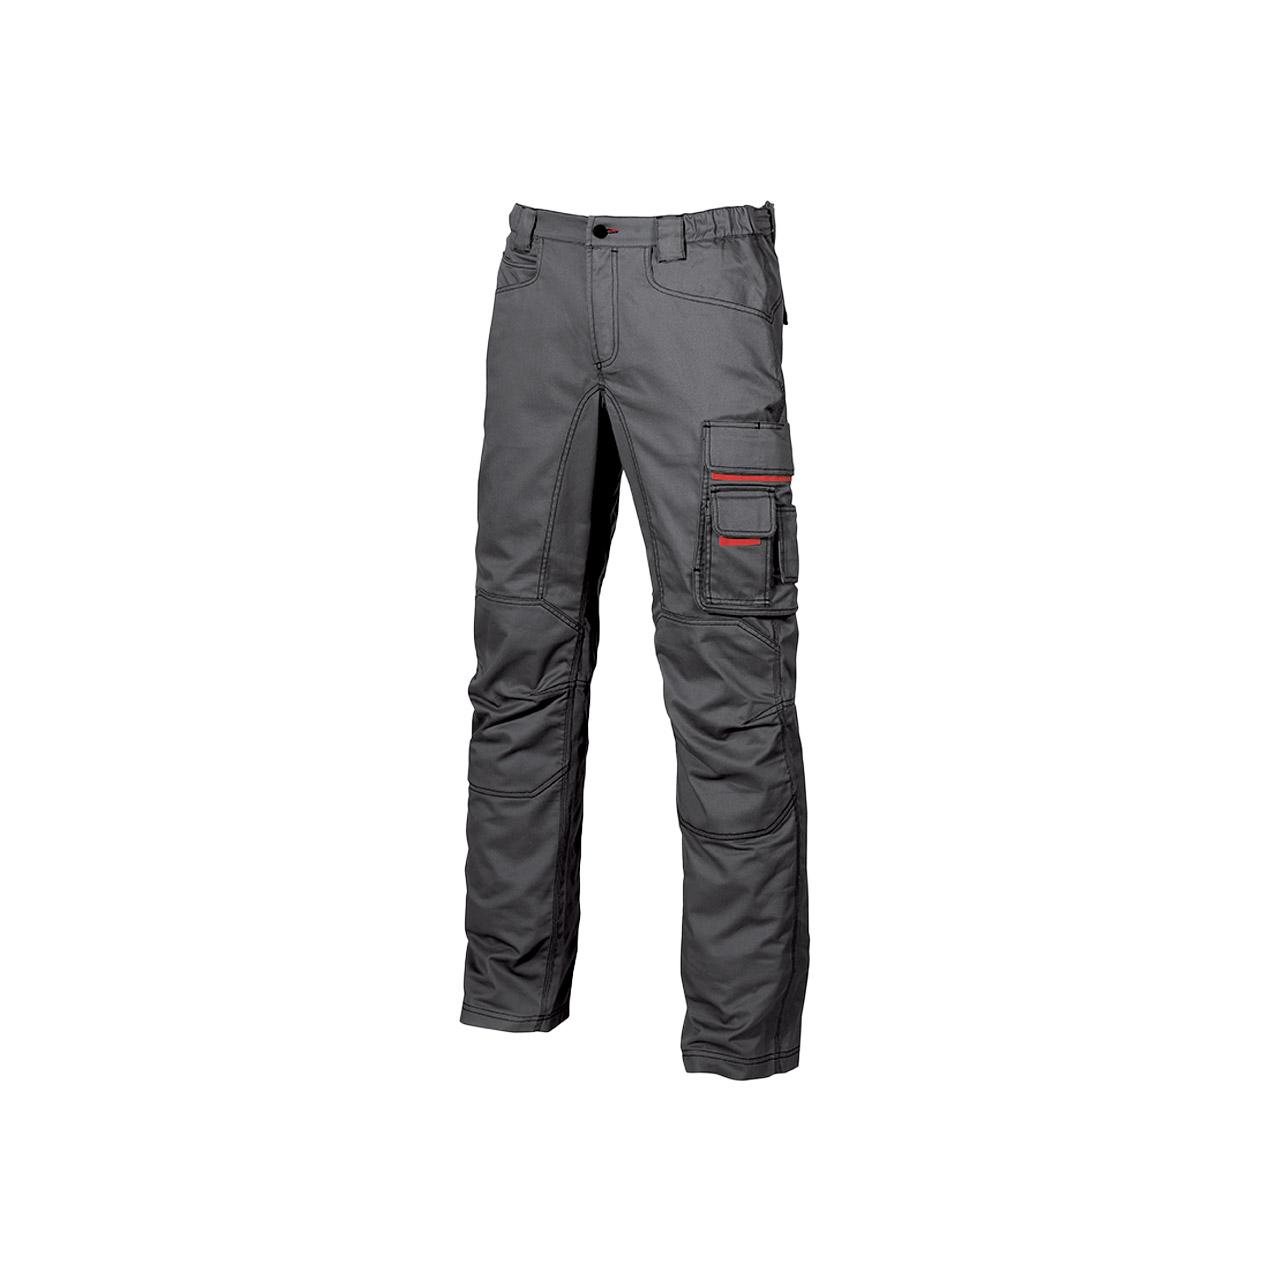 pantalone da lavoro upower modello grin colore grey met